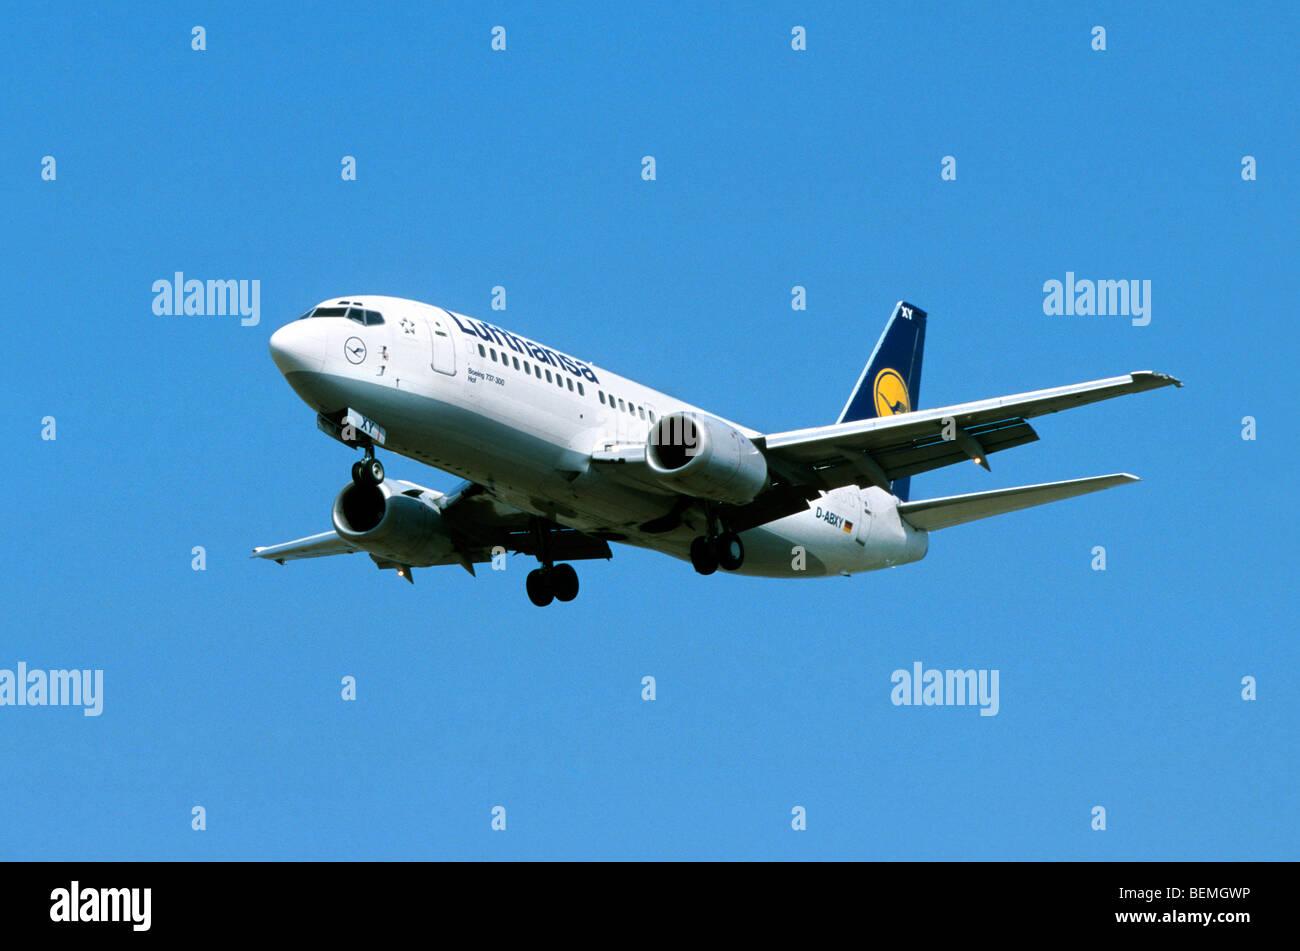 Avión volando contra el cielo azul Imagen De Stock